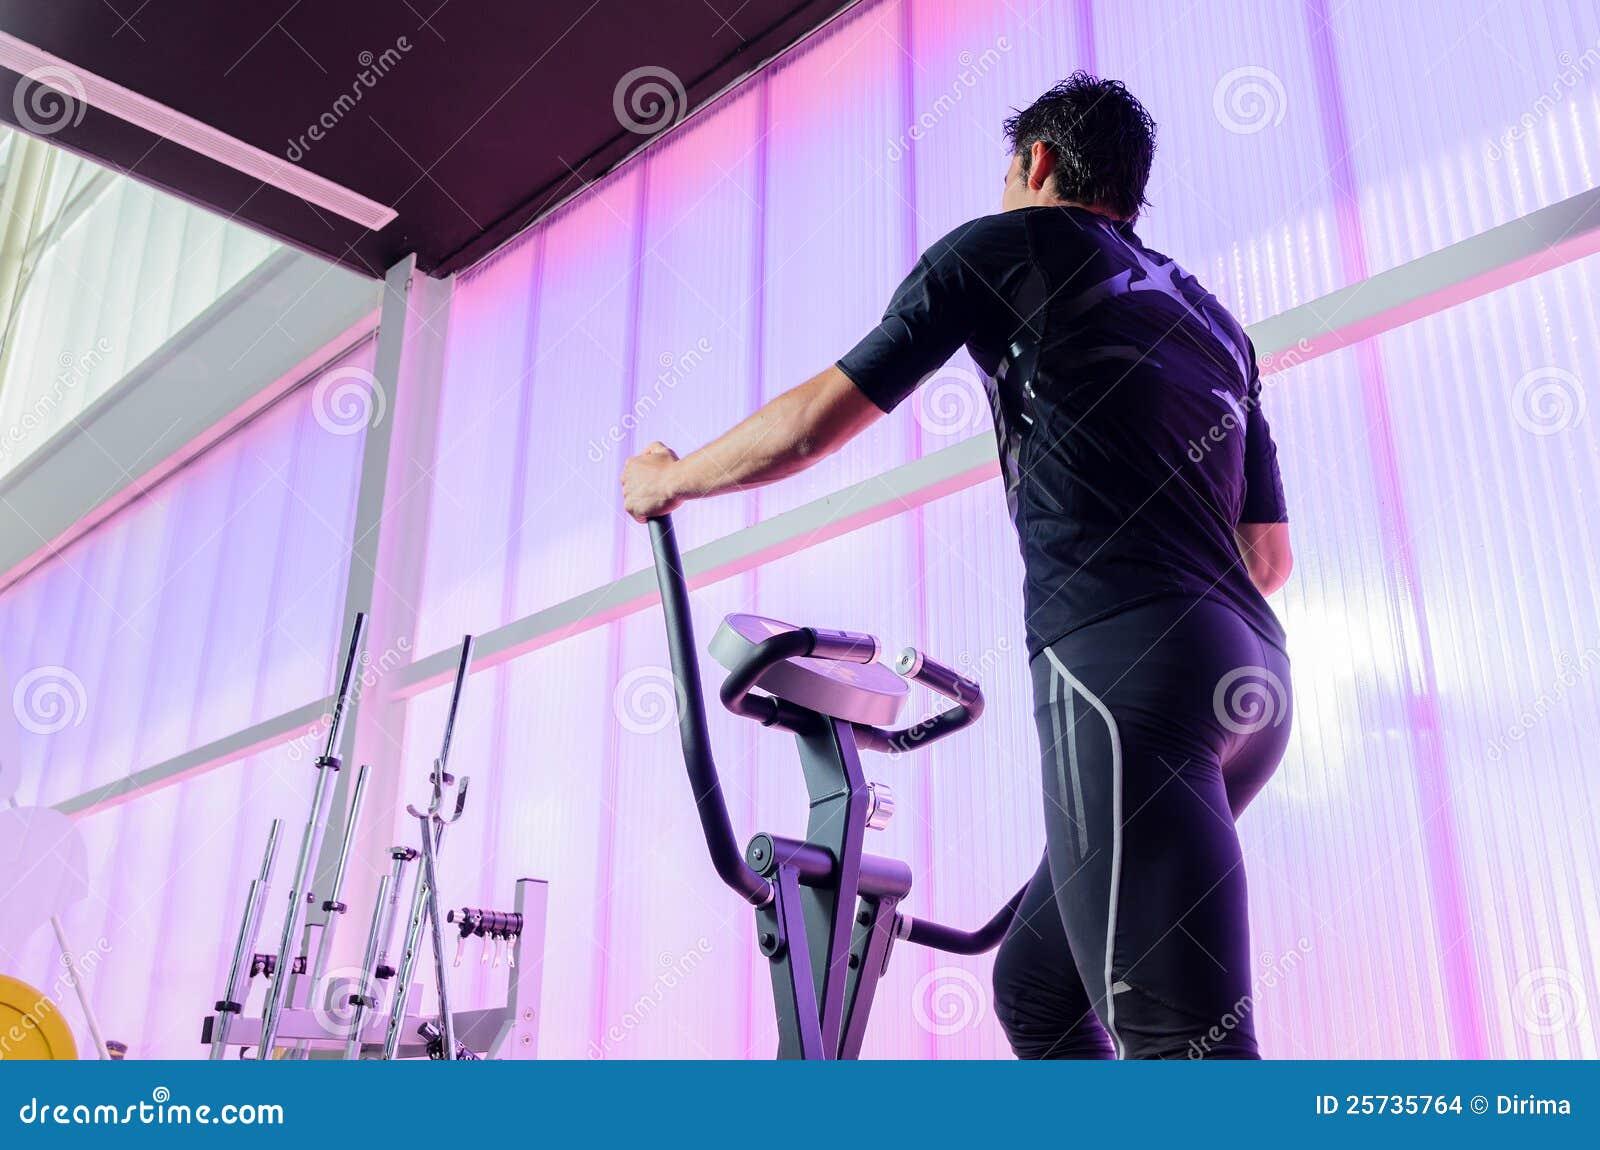 Elliptical Gym